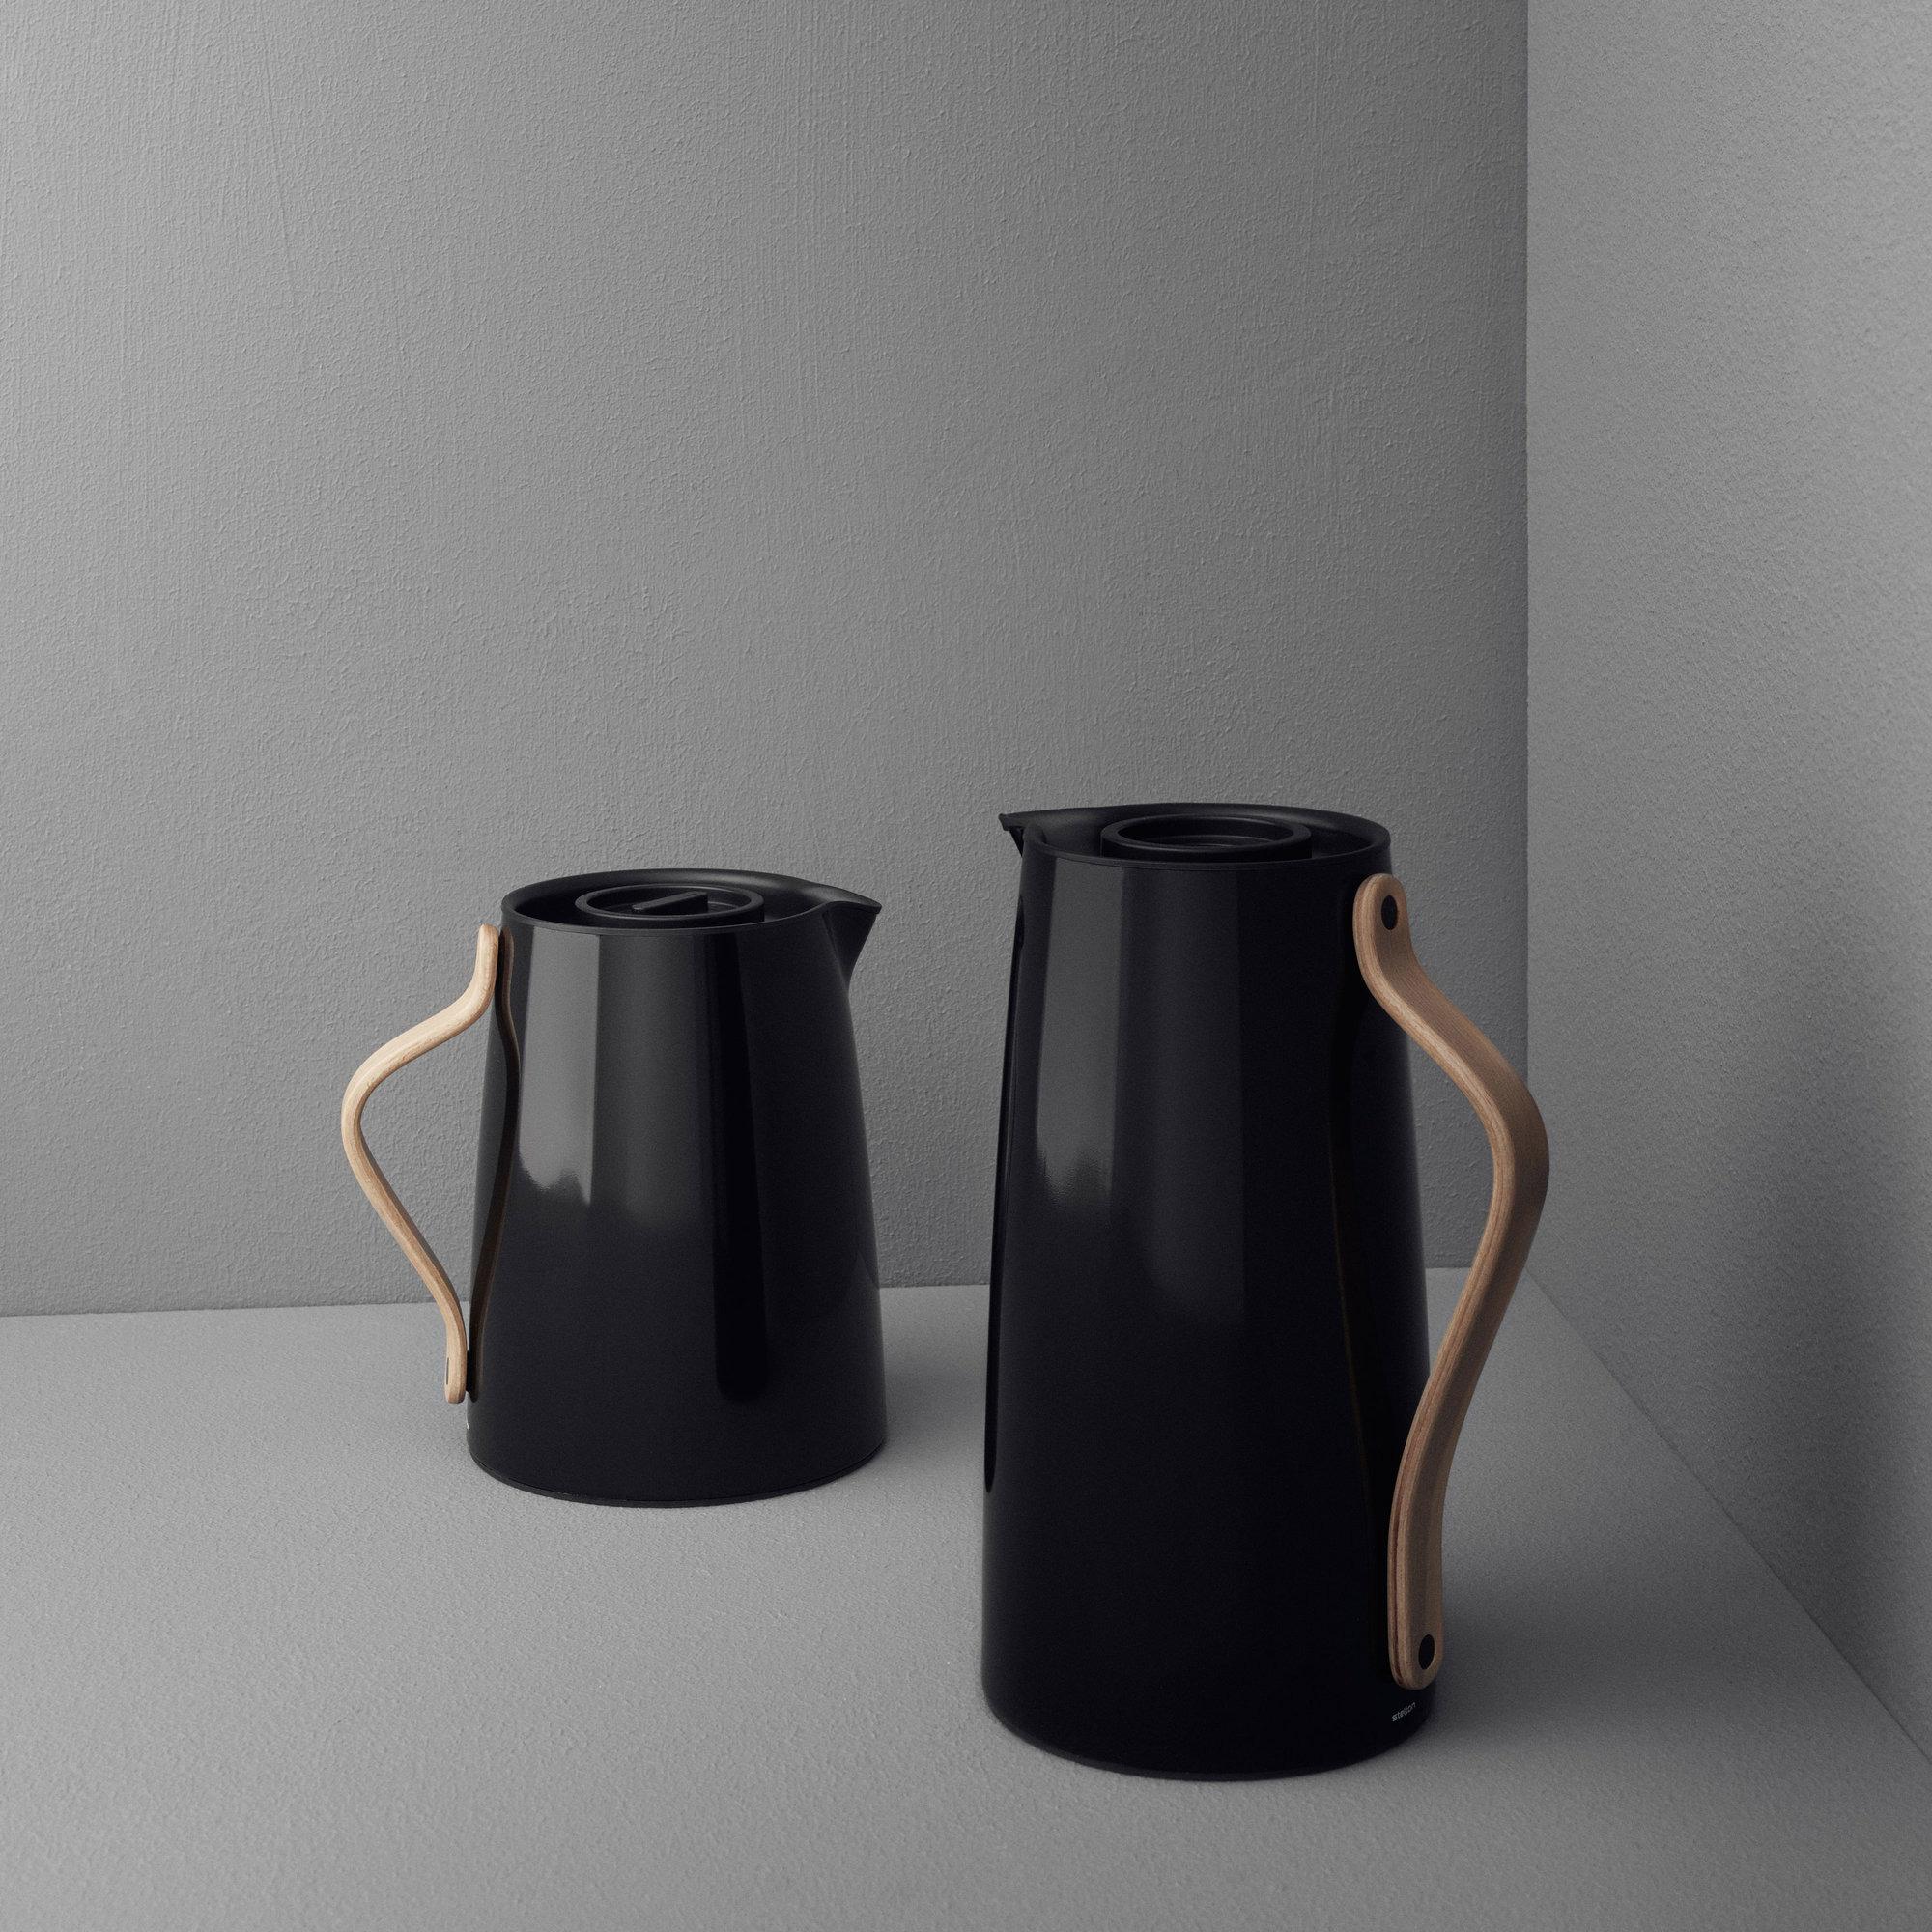 k b emma termokande sort kaffe 1 2 liter fra stelton. Black Bedroom Furniture Sets. Home Design Ideas